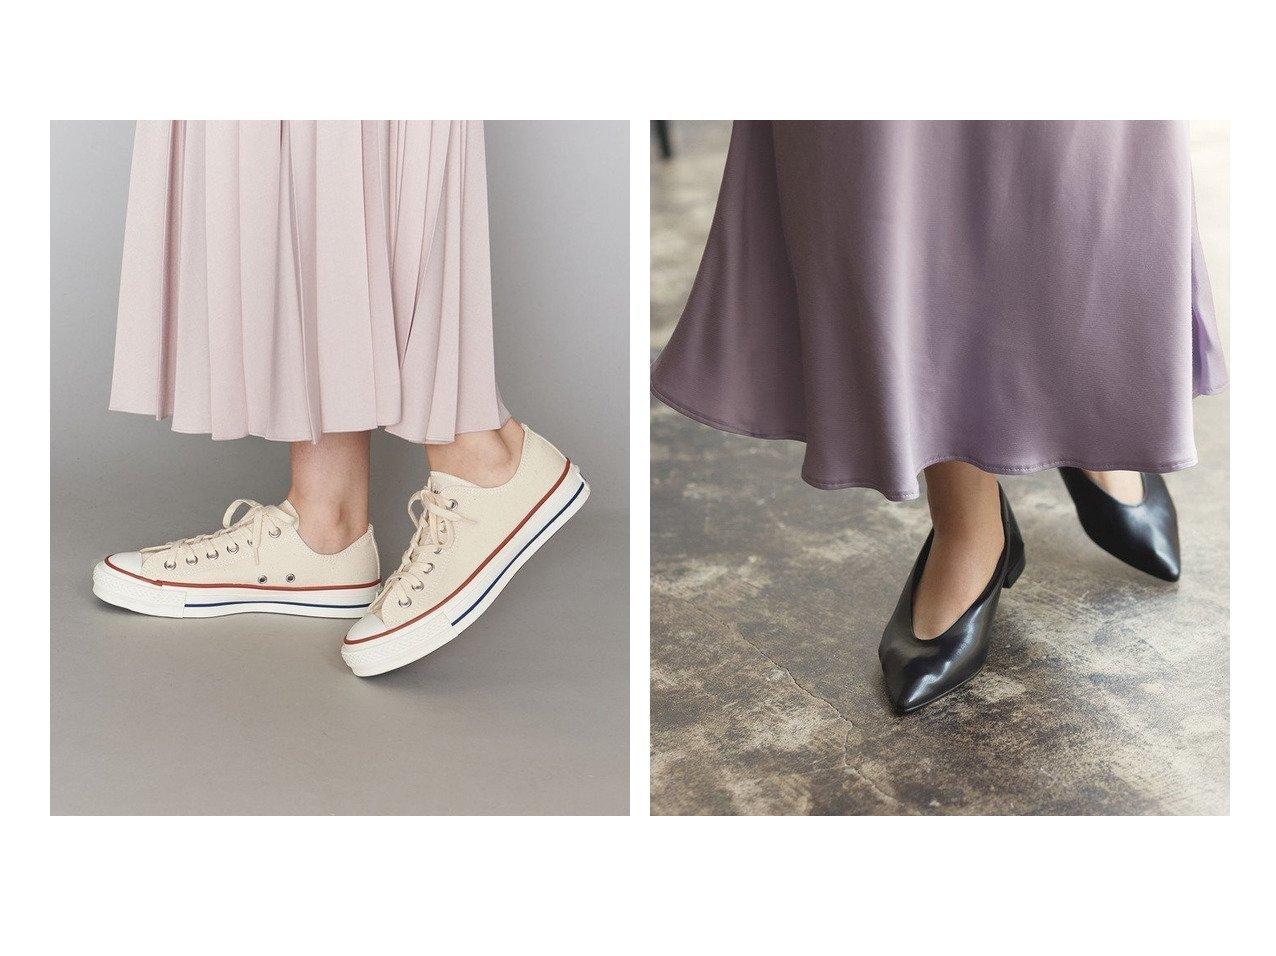 【BEAUTY&YOUTH UNITED ARROWS/ビューティアンド ユースユナイテッドアローズ】のALL STAR MADE IN JAPAN スニーカー&【Adam et Rope/アダム エ ロペ】のポインテッドフラッドシューズ シューズ・靴のおすすめ!人気、レディースファッションの通販 おすすめで人気のファッション通販商品 インテリア・家具・キッズファッション・メンズファッション・レディースファッション・服の通販 founy(ファニー) https://founy.com/ ファッション Fashion レディース WOMEN シューズ スニーカー パッチ プレミアム レース 人気 定番 カッティング フラット ミュール  ID:crp329100000001574